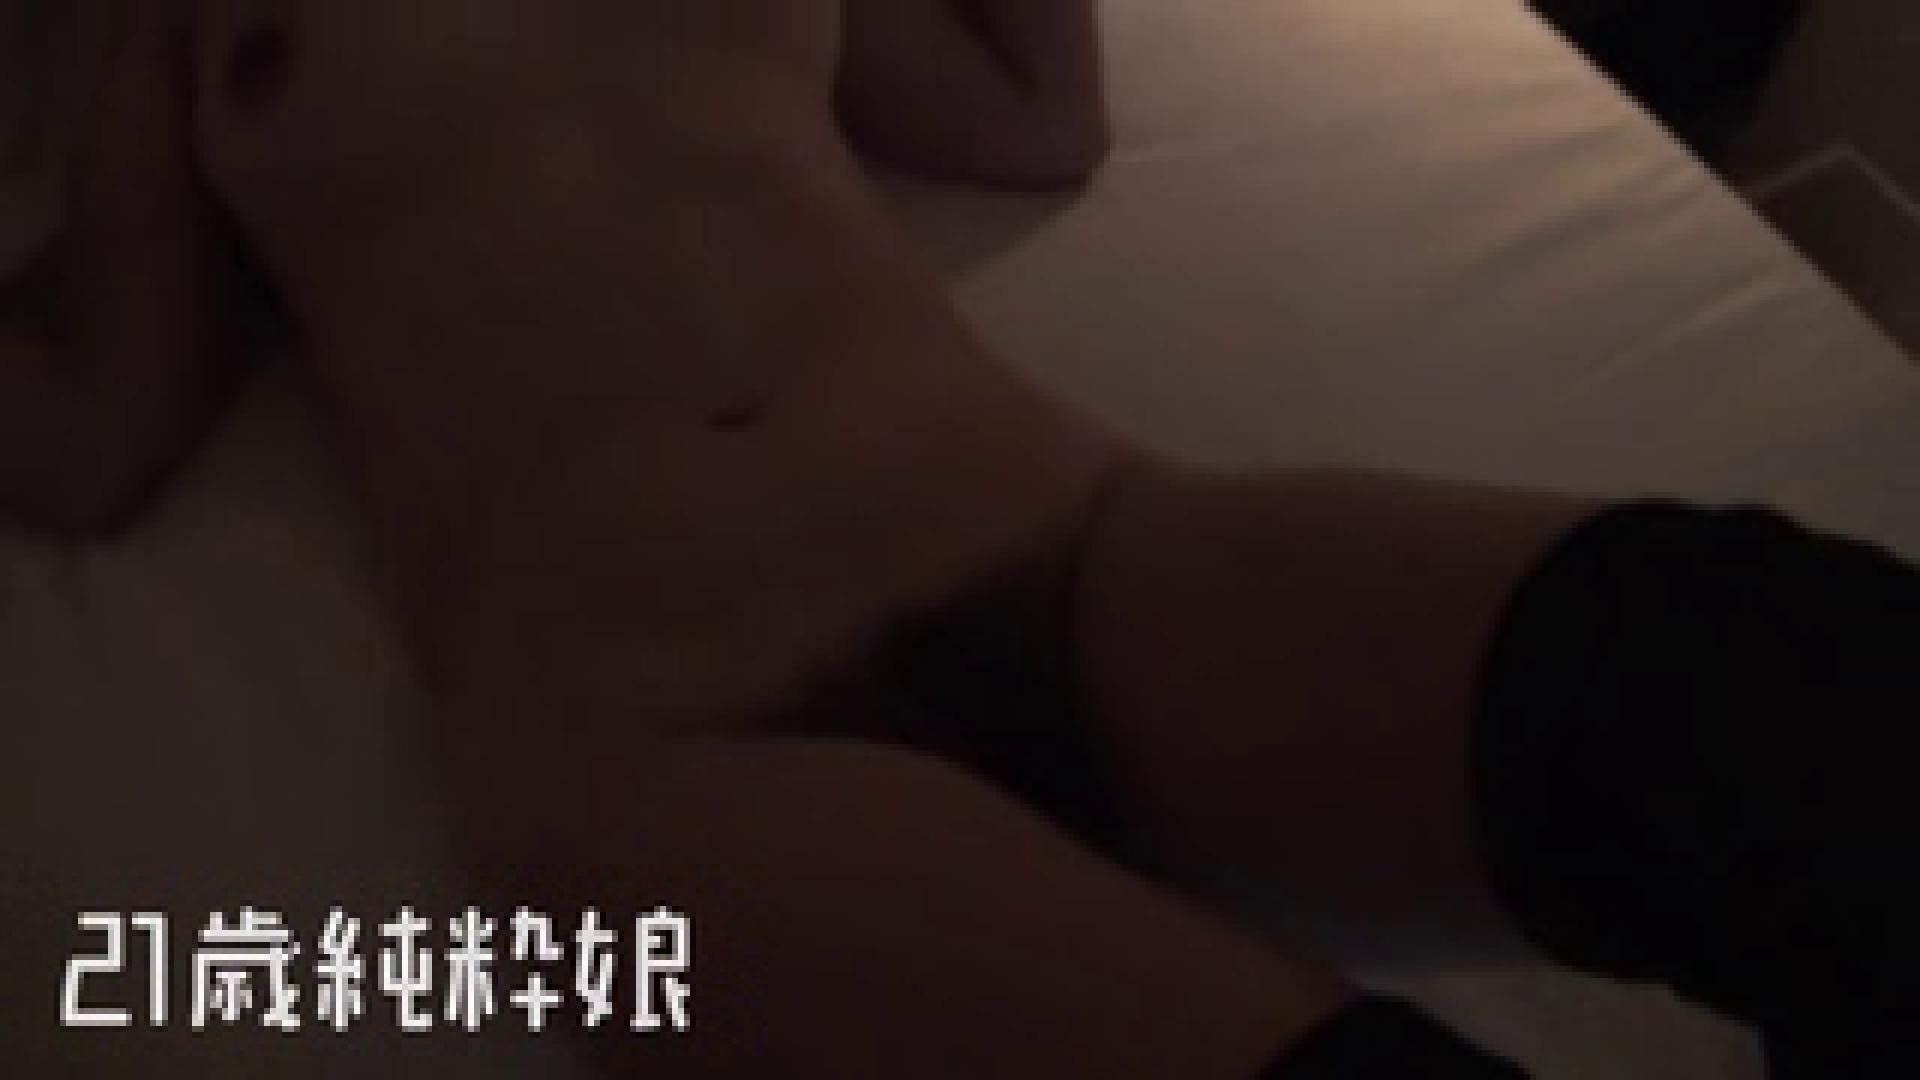 上京したばかりのGカップ21歳純粋嬢を都合の良い女にしてみた4 友人 オマンコ無修正動画無料 90画像 43